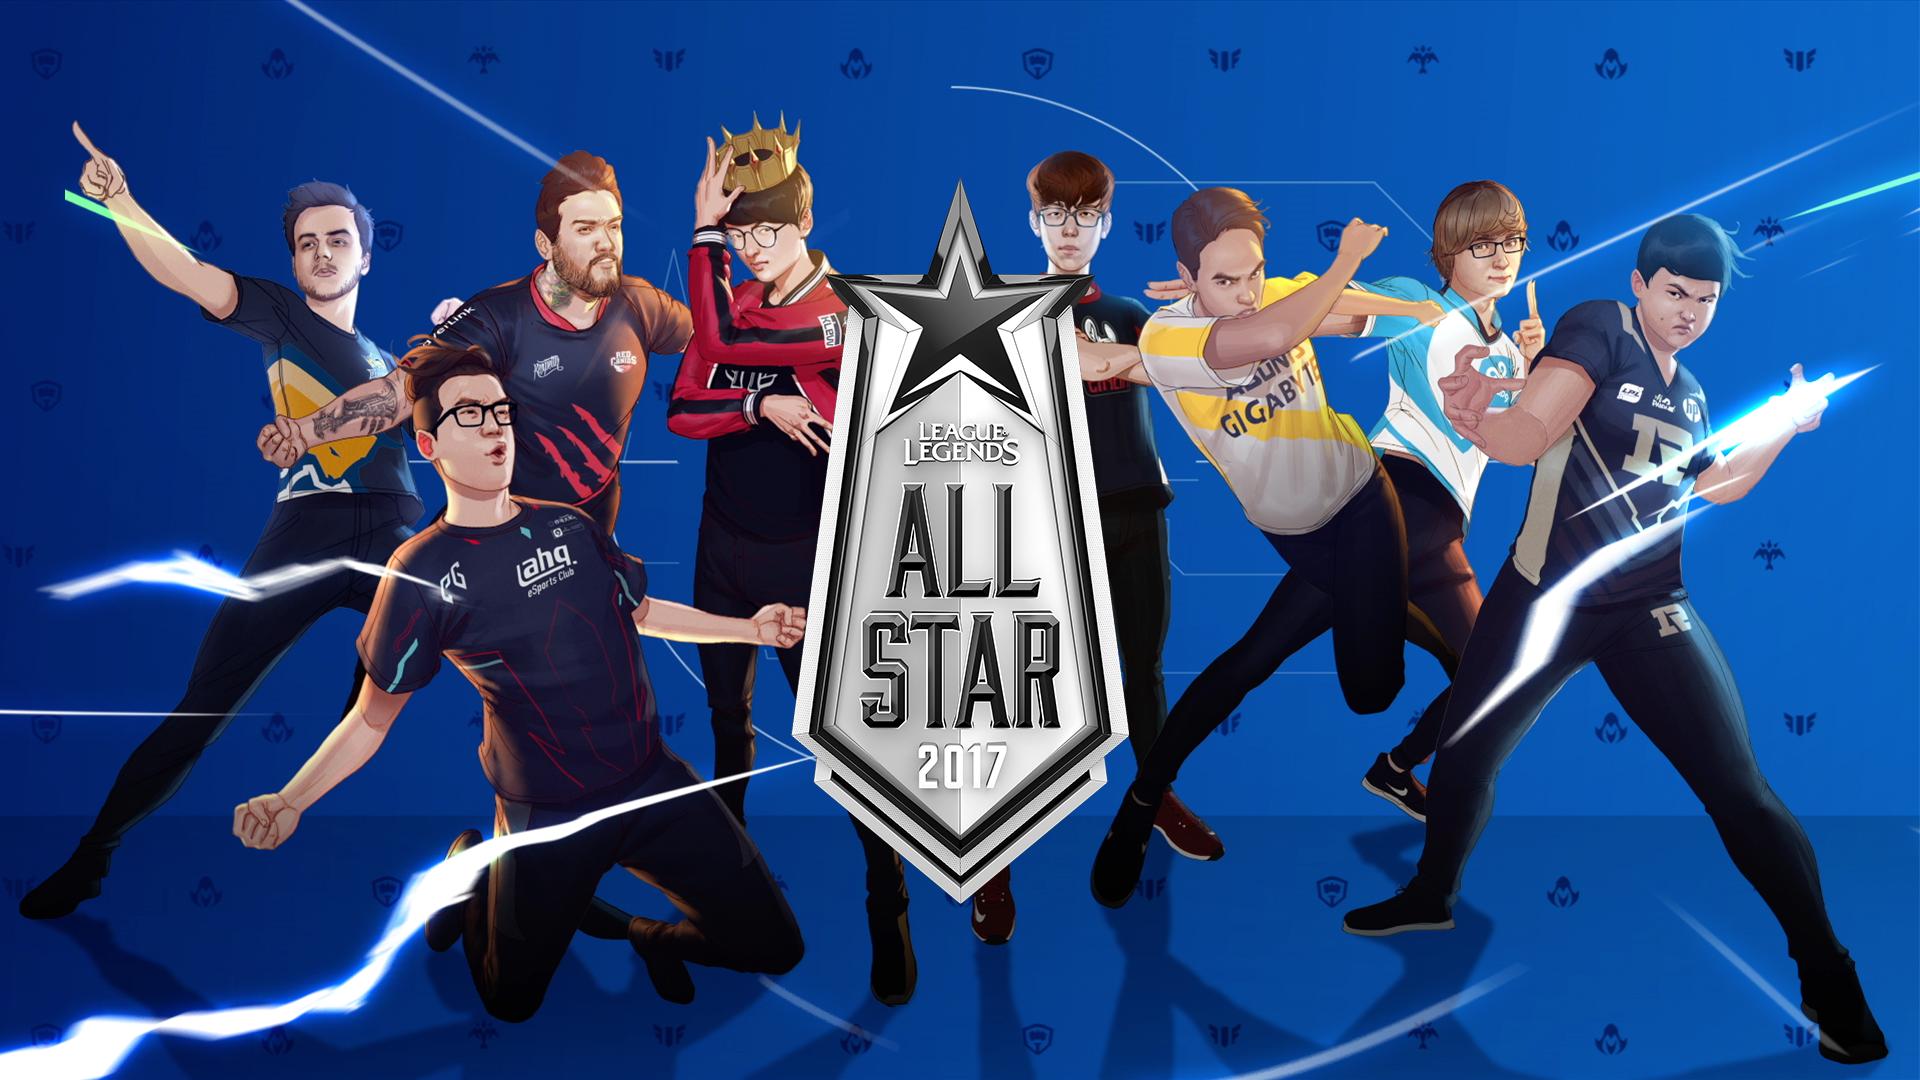 2017Allstar全明星赛